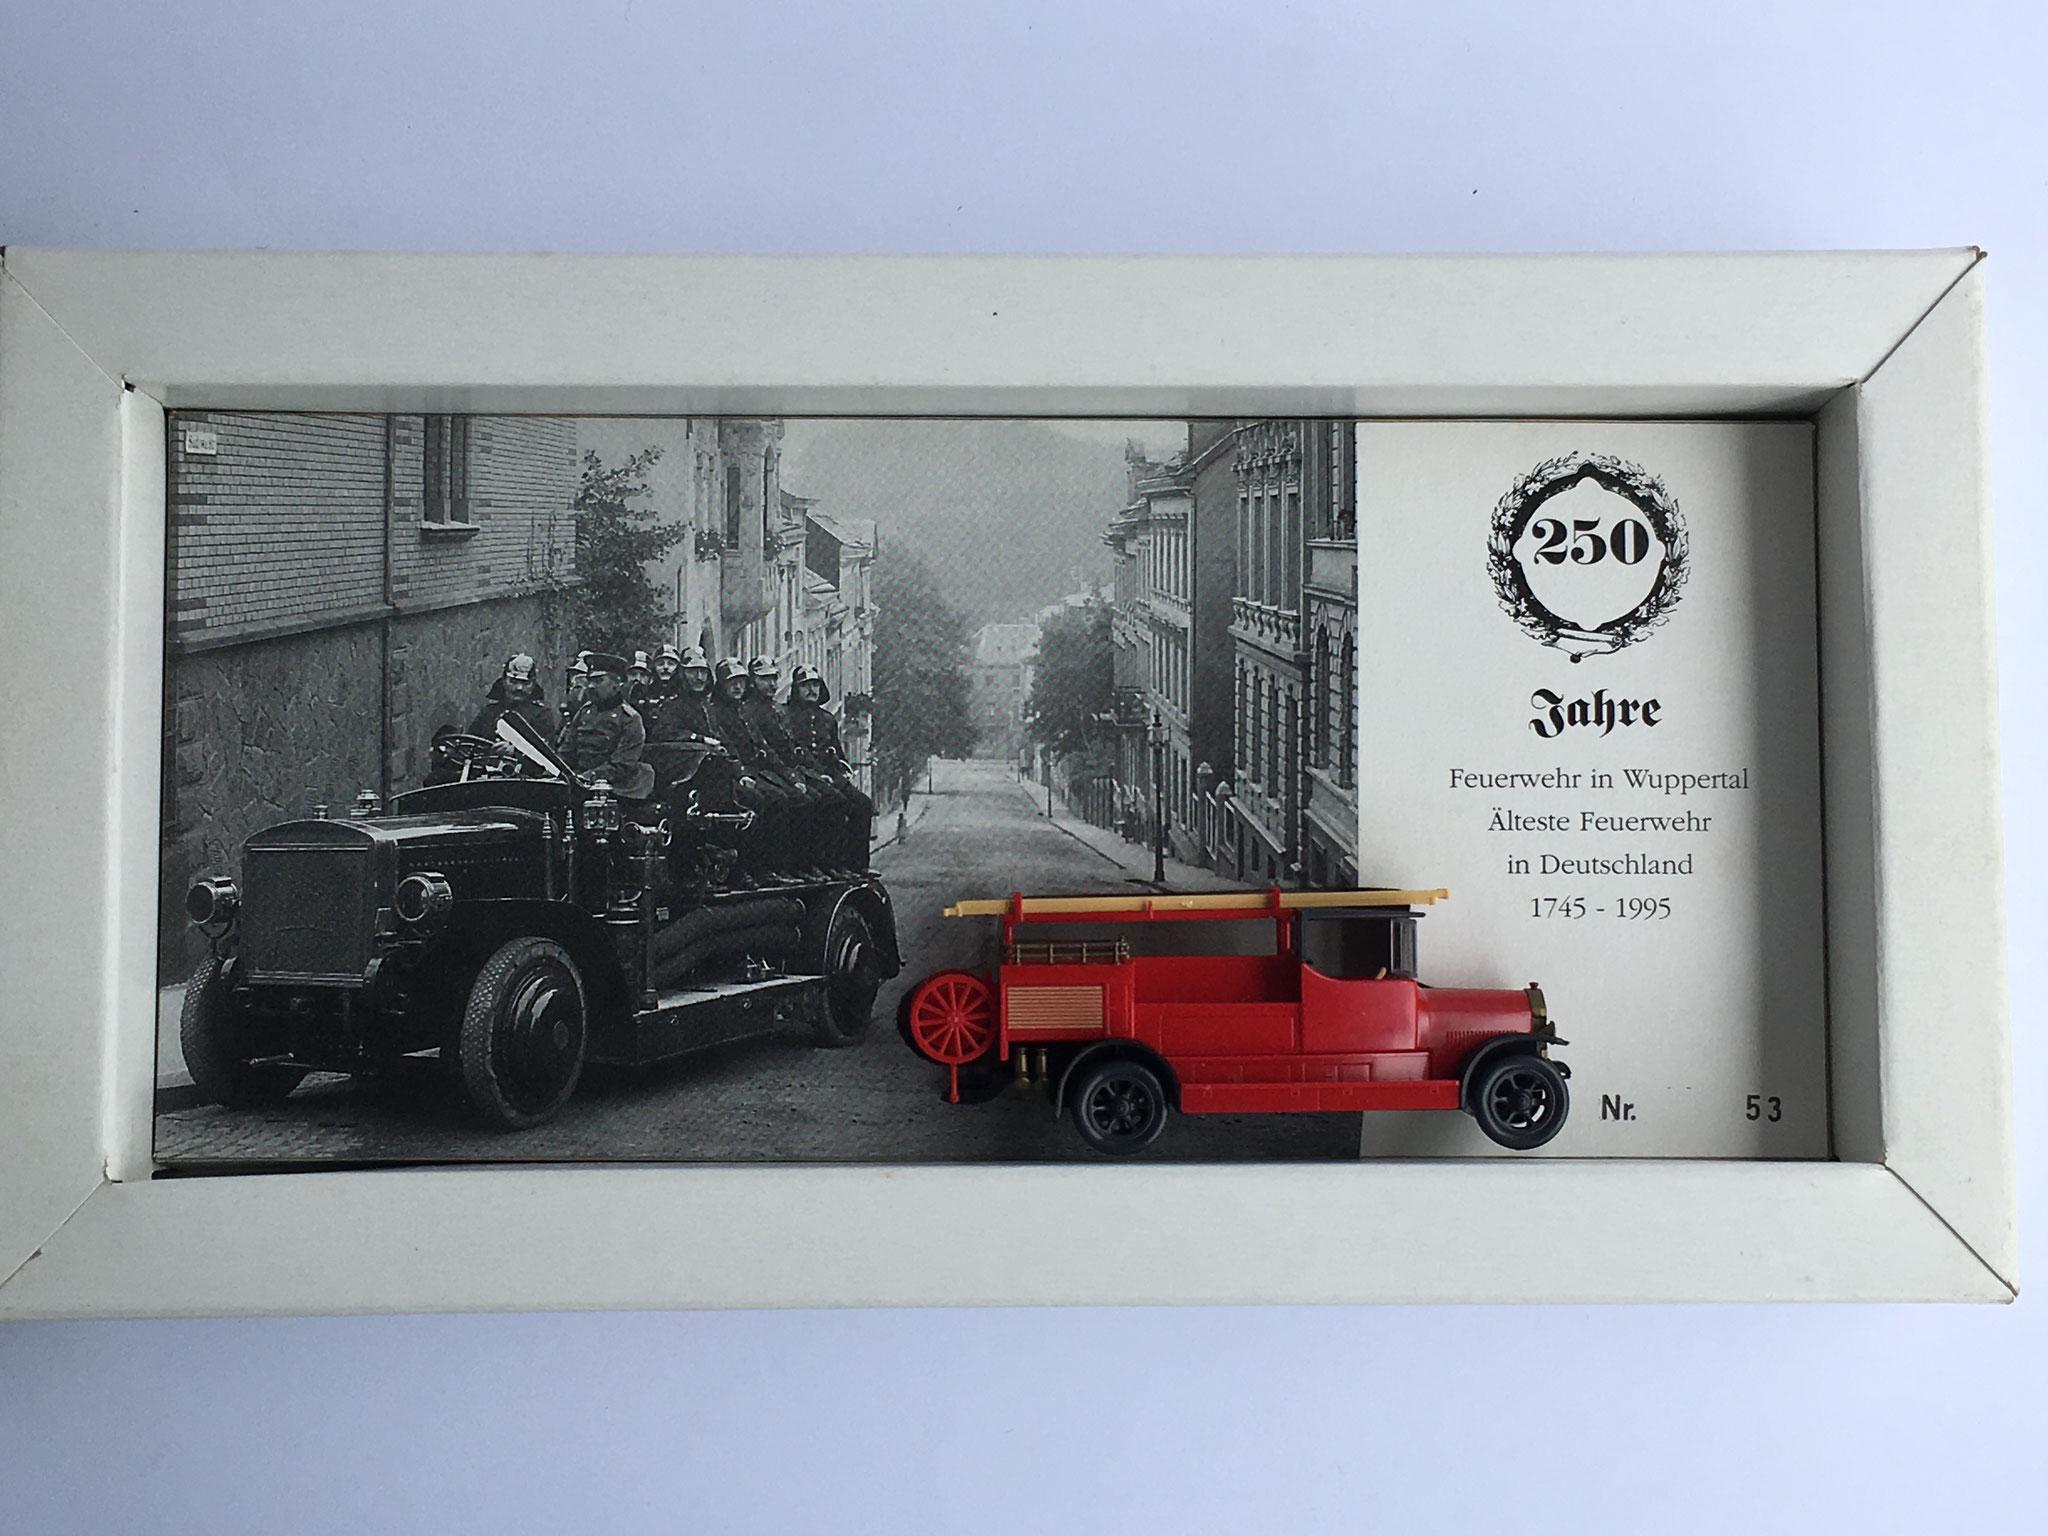 Benz LF12 Feuerwehr-Motorspritze, 250 Jahre Feuerwehr Wuppertal